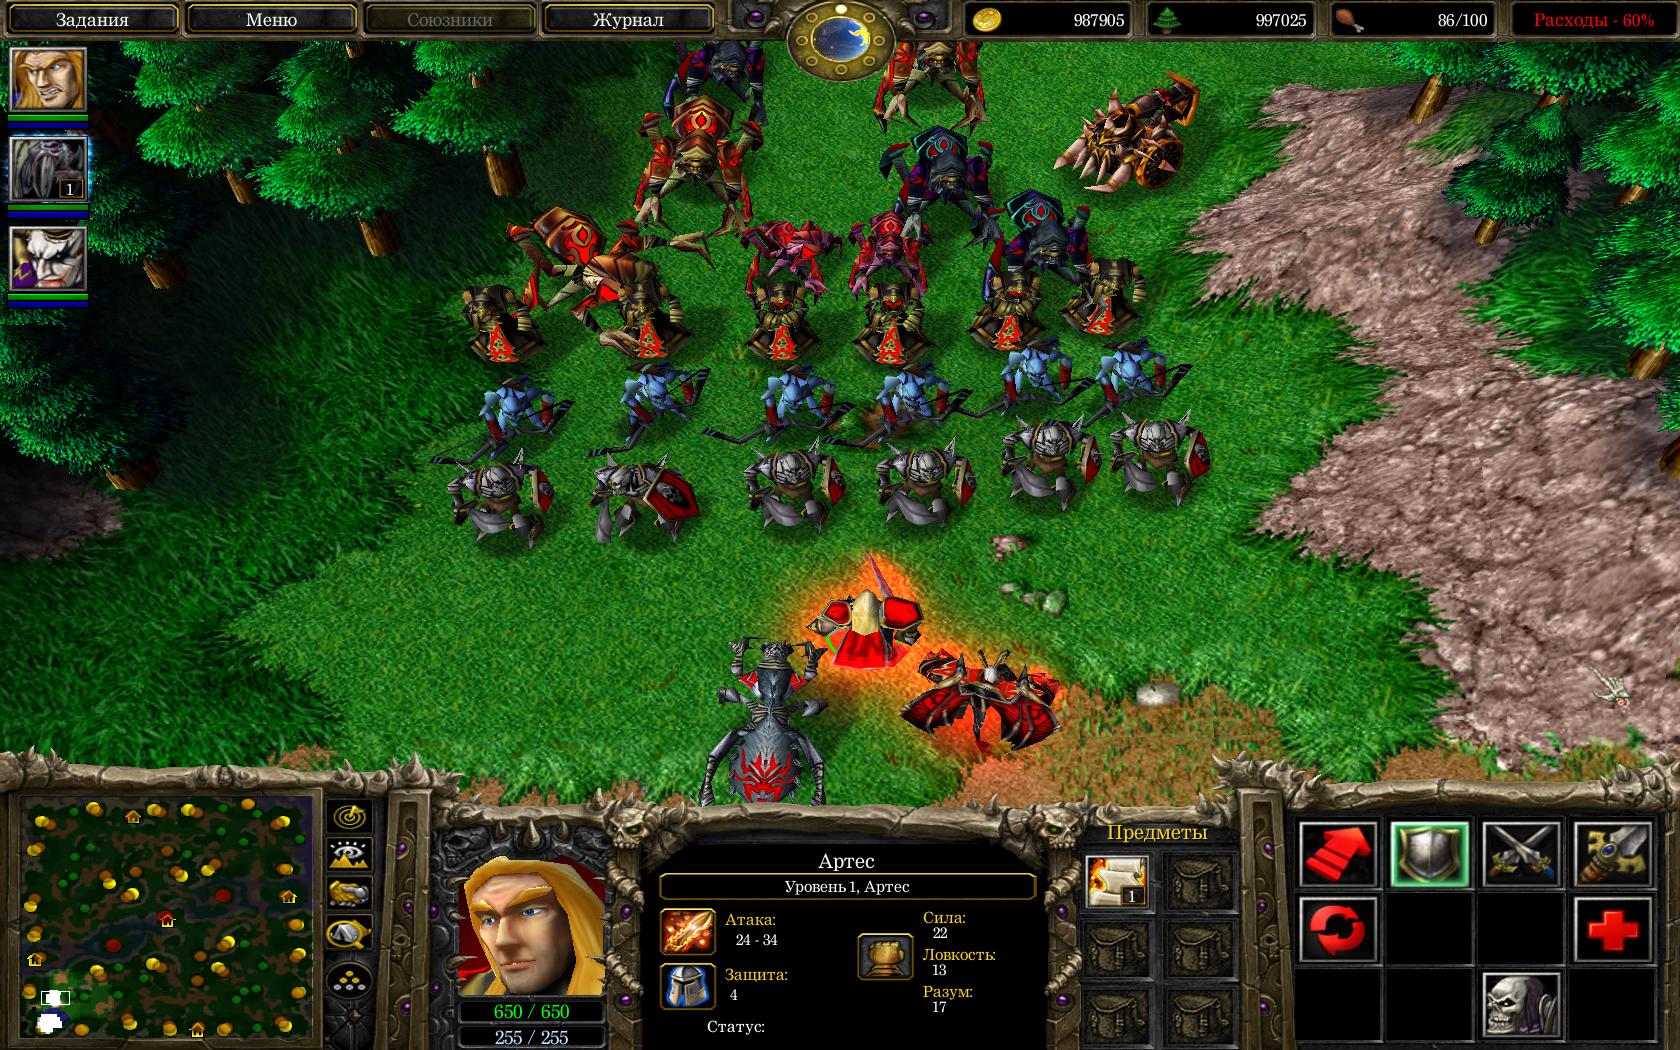 Warcraft frozen throne 3 карты скачать.